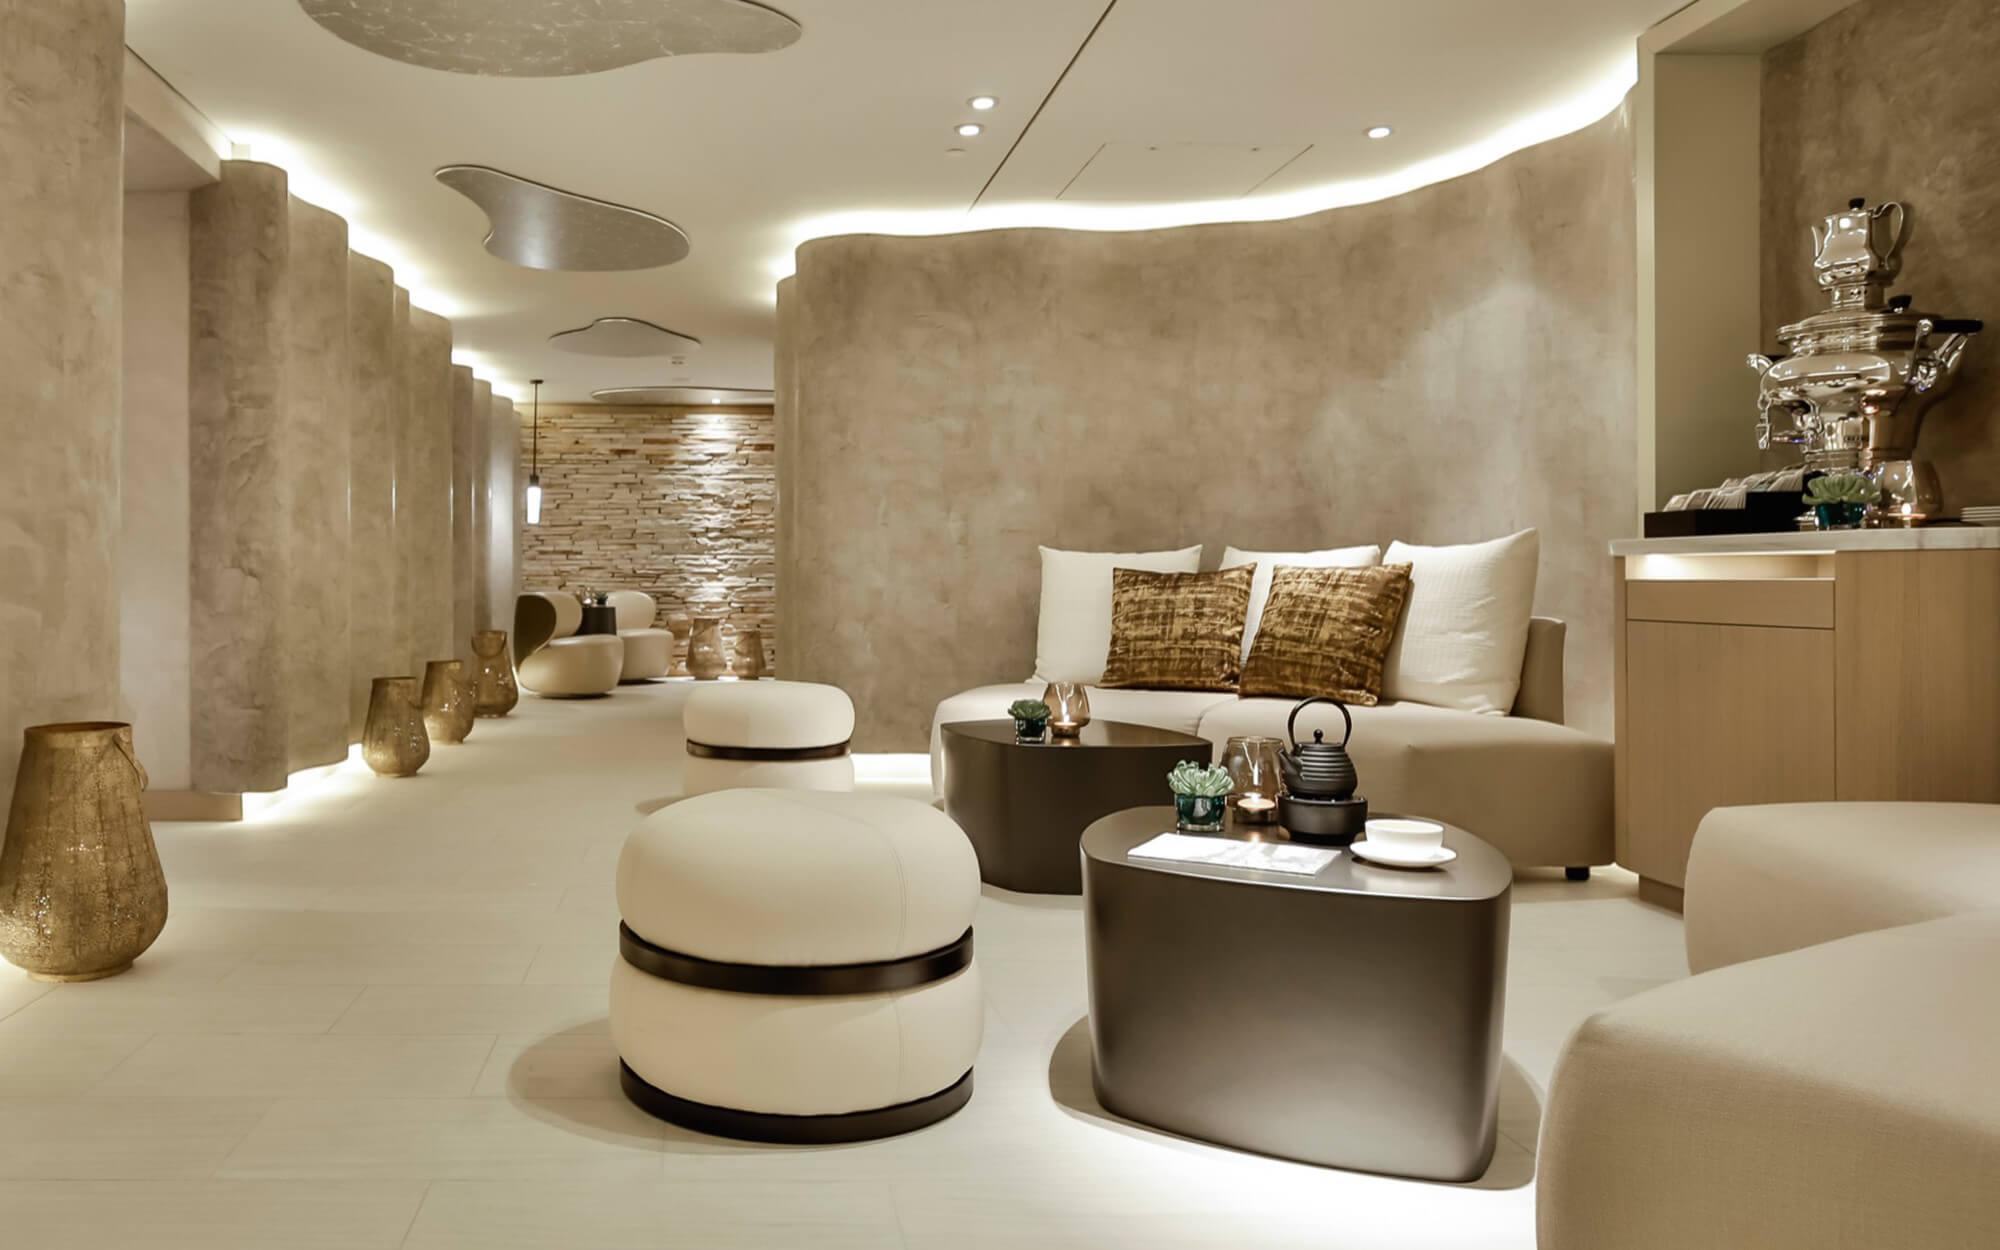 Lounge-dipiù-Spa-Atlantis-by-Giardino-e1457685667547